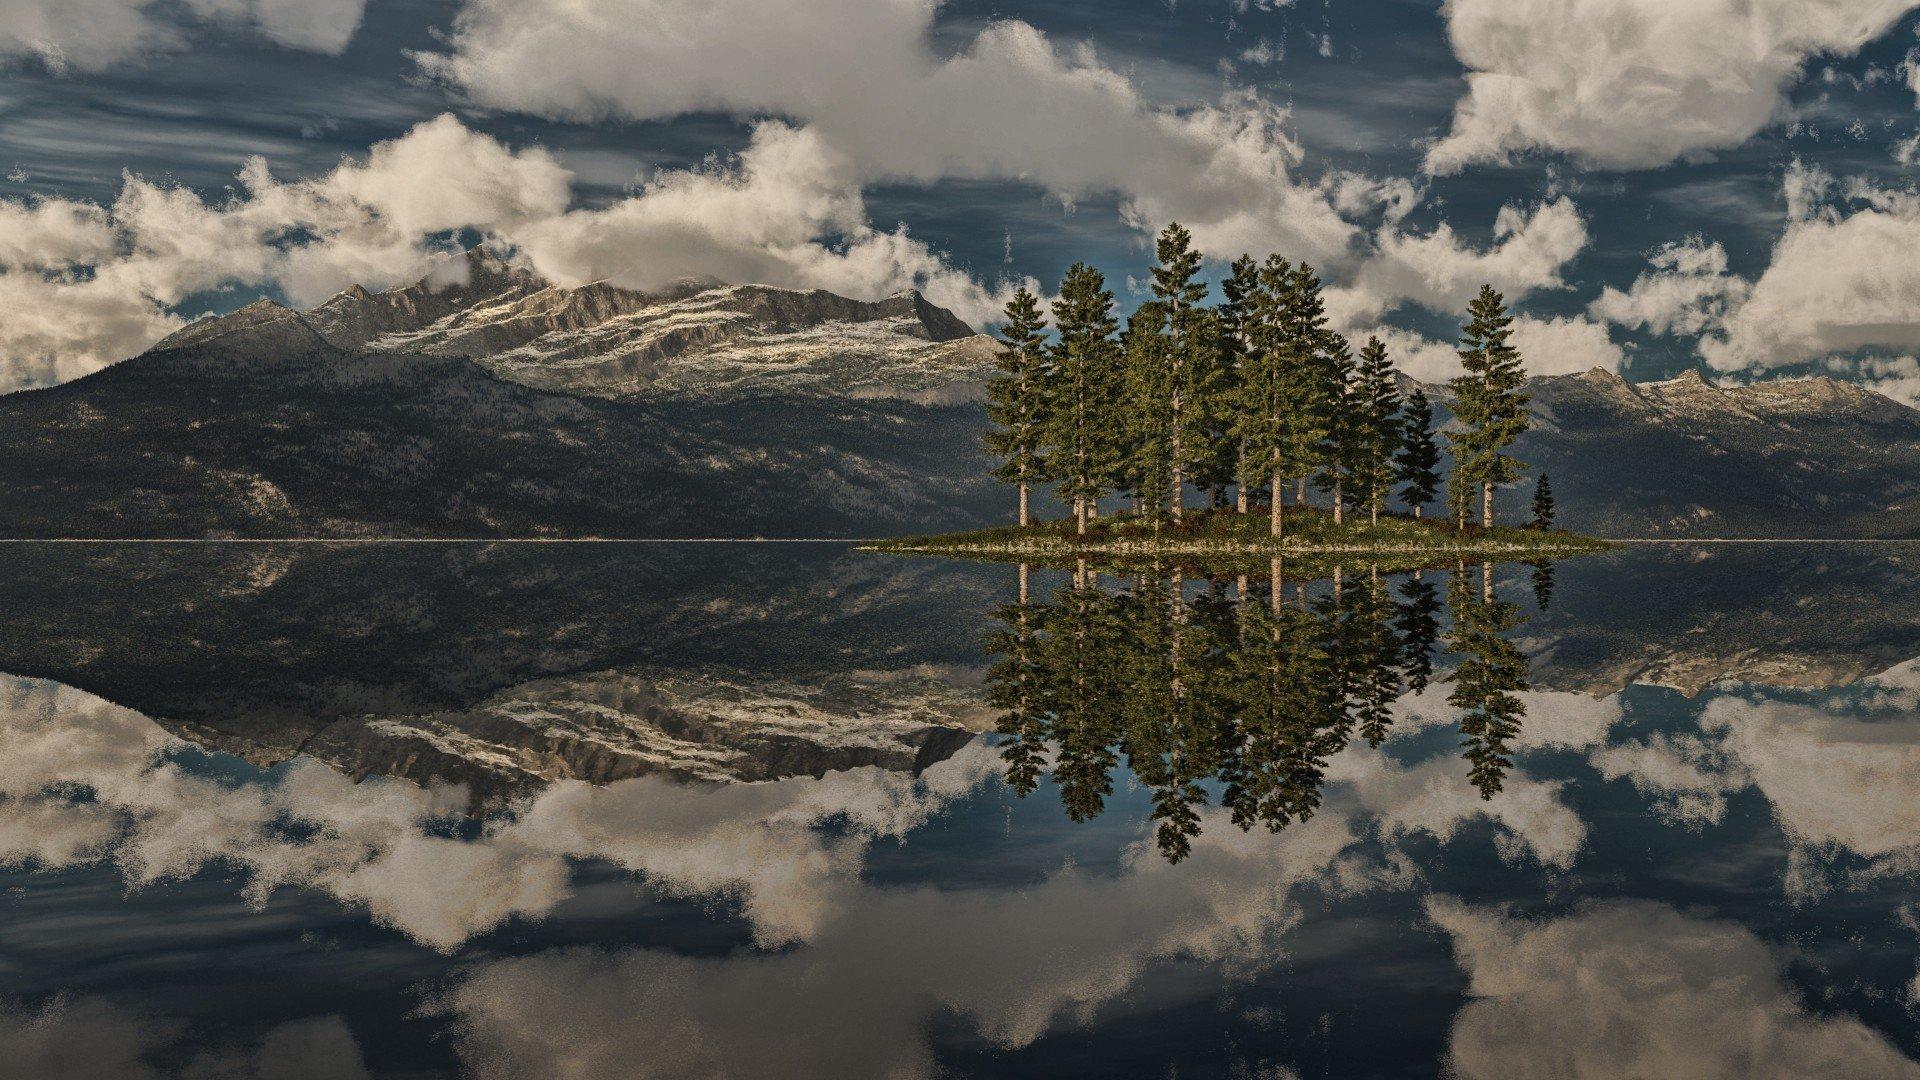 природа деревья горизонт скалы отражение озеро nature trees horizon rock reflection the lake без регистрации